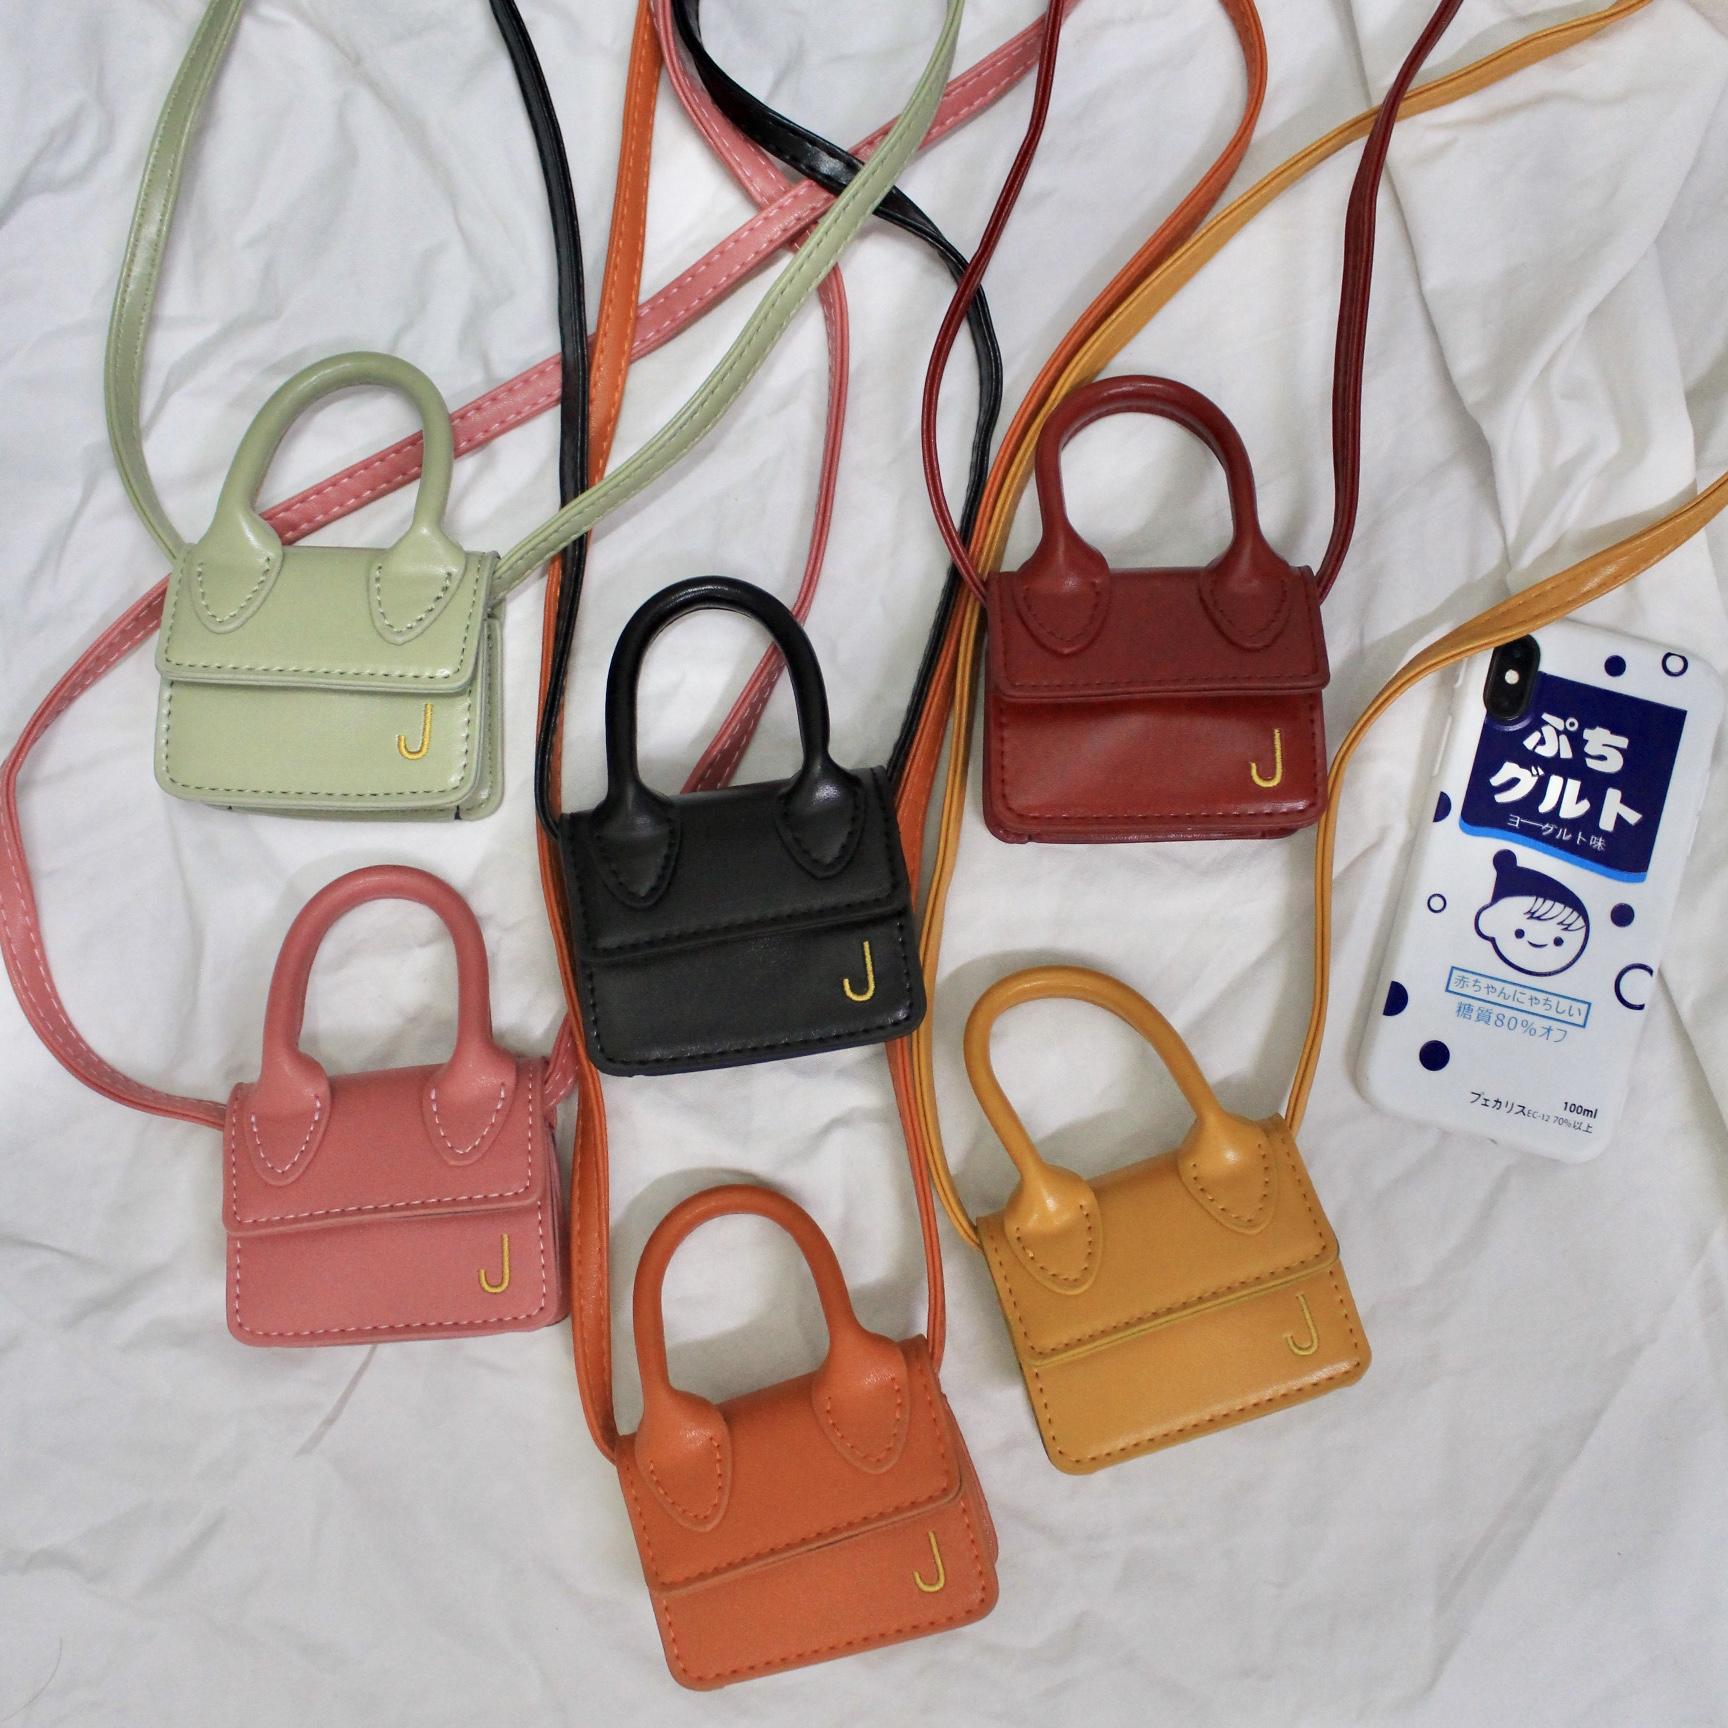 洋气可爱单肩斜挎玩具小包 mini 巴掌大迷你零钱包 只能放零钱口红